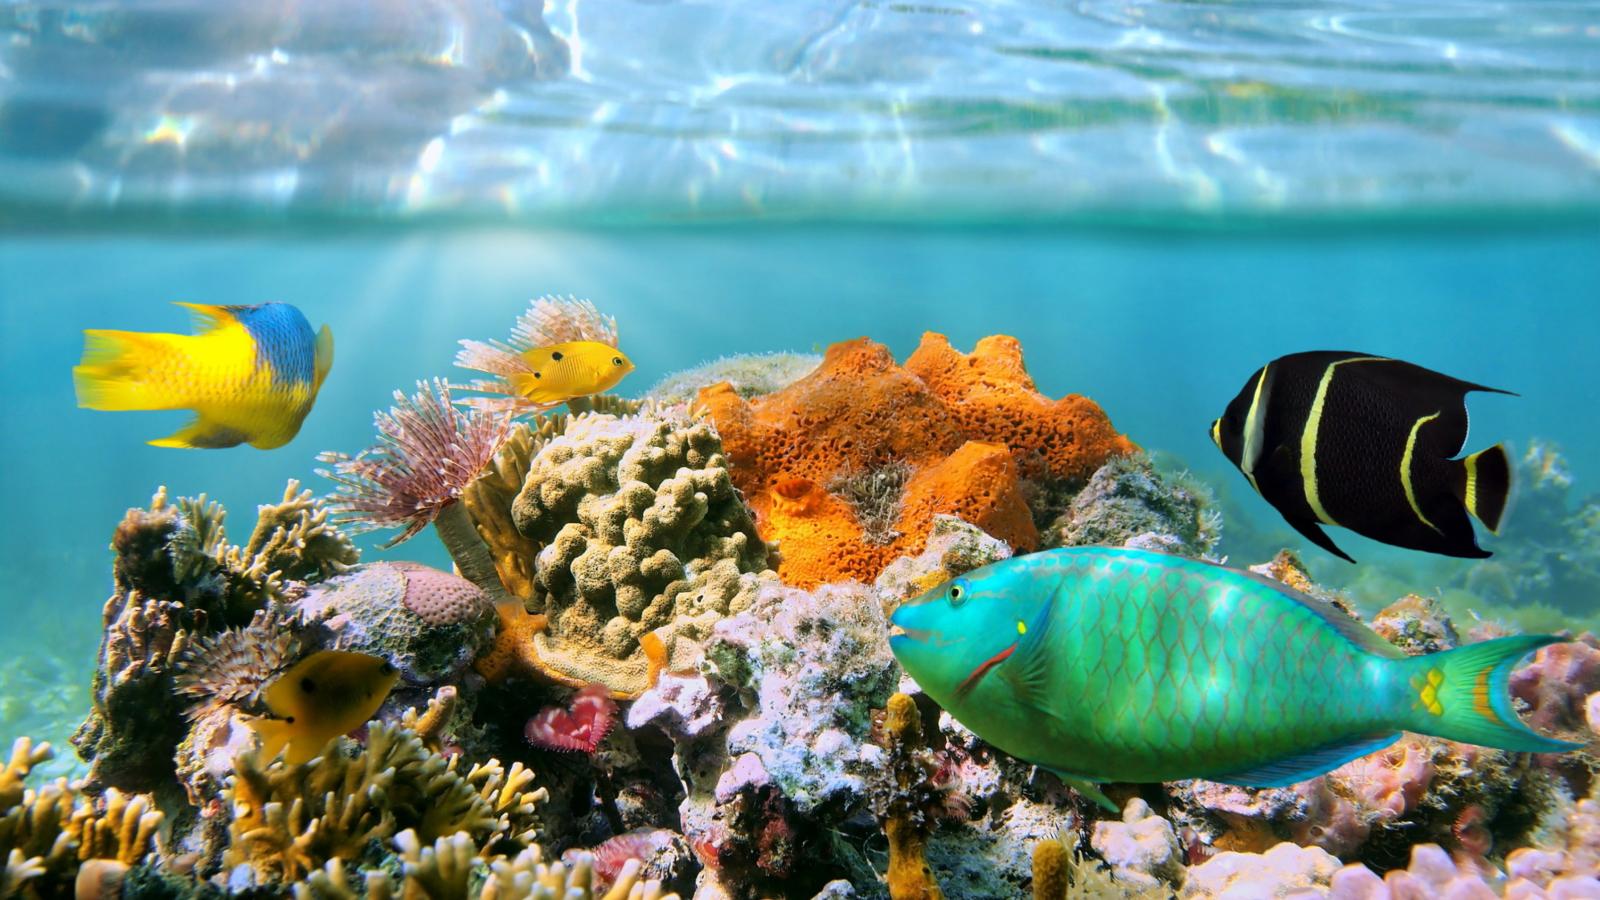 Рыбы коралловых рифов картинки с надписями, своими руками